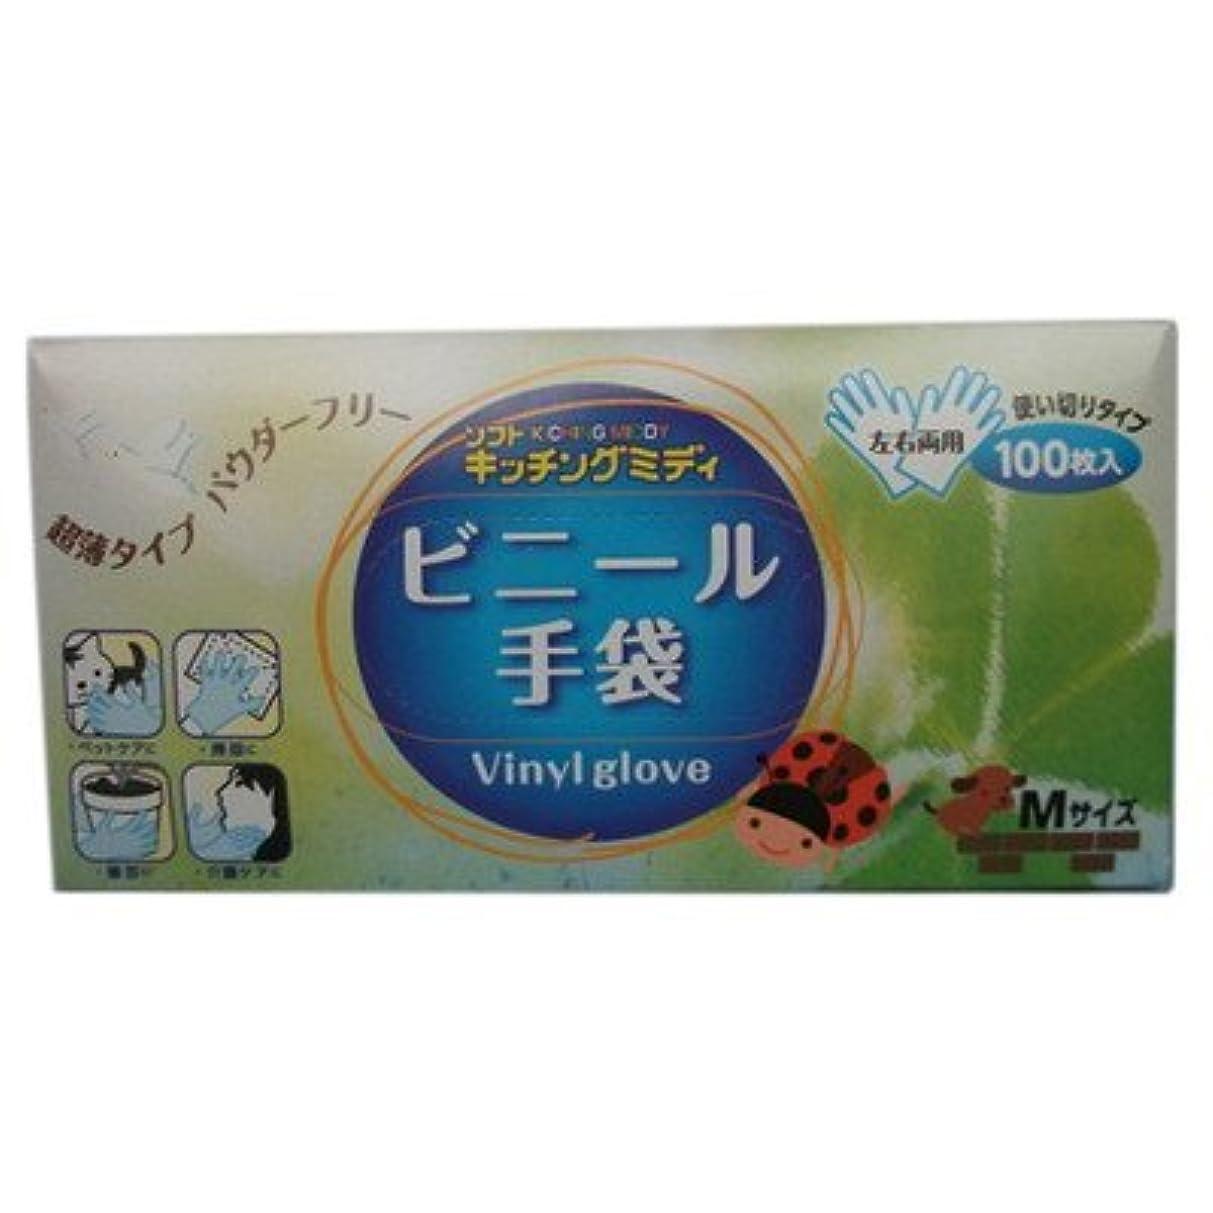 奥田薬品 ソフトキッチングミディ ビニール手袋 M 100枚入